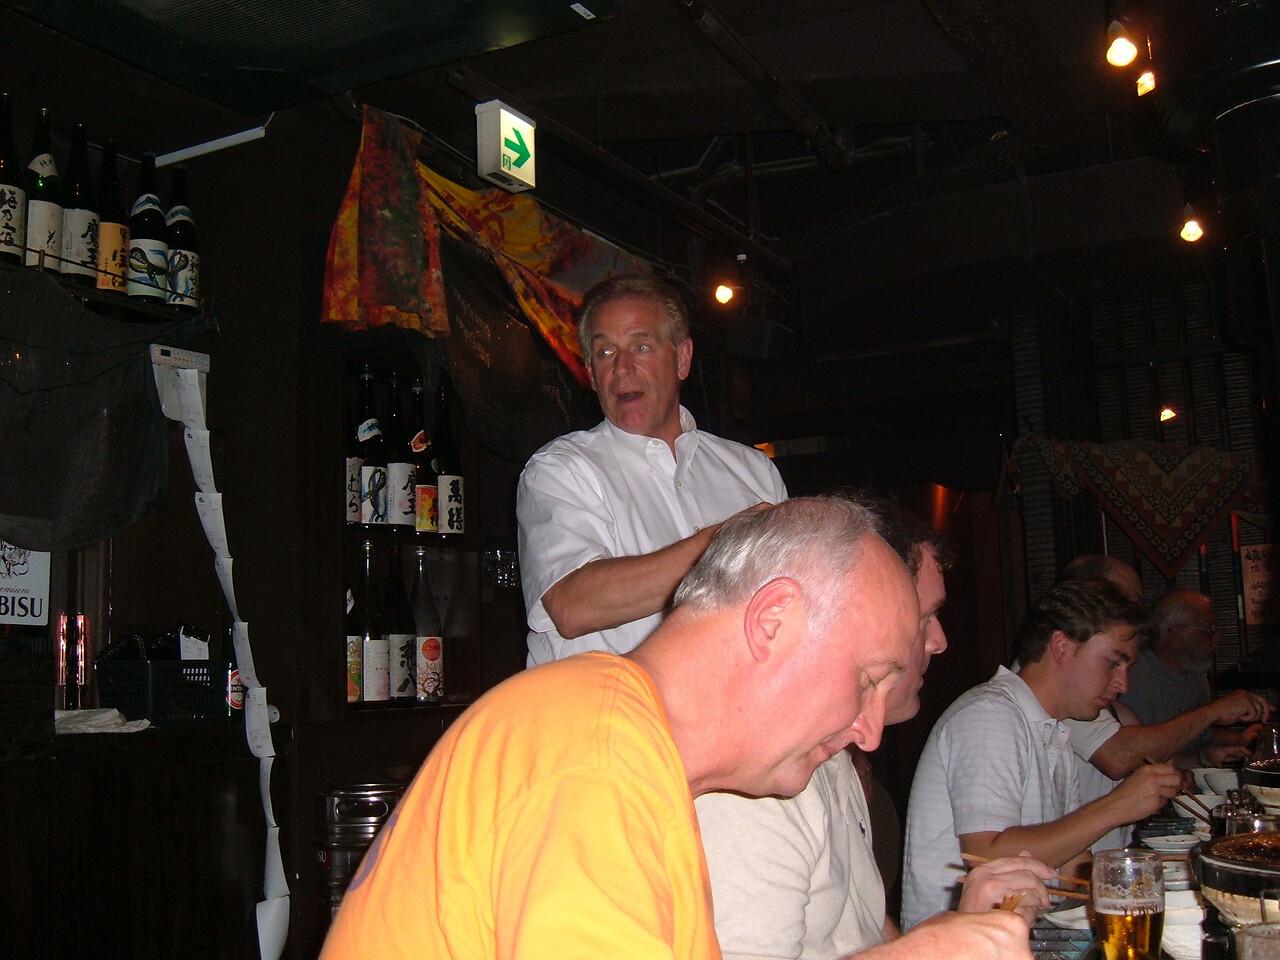 Marty Kuehnert of Rakuten Golden Eagles